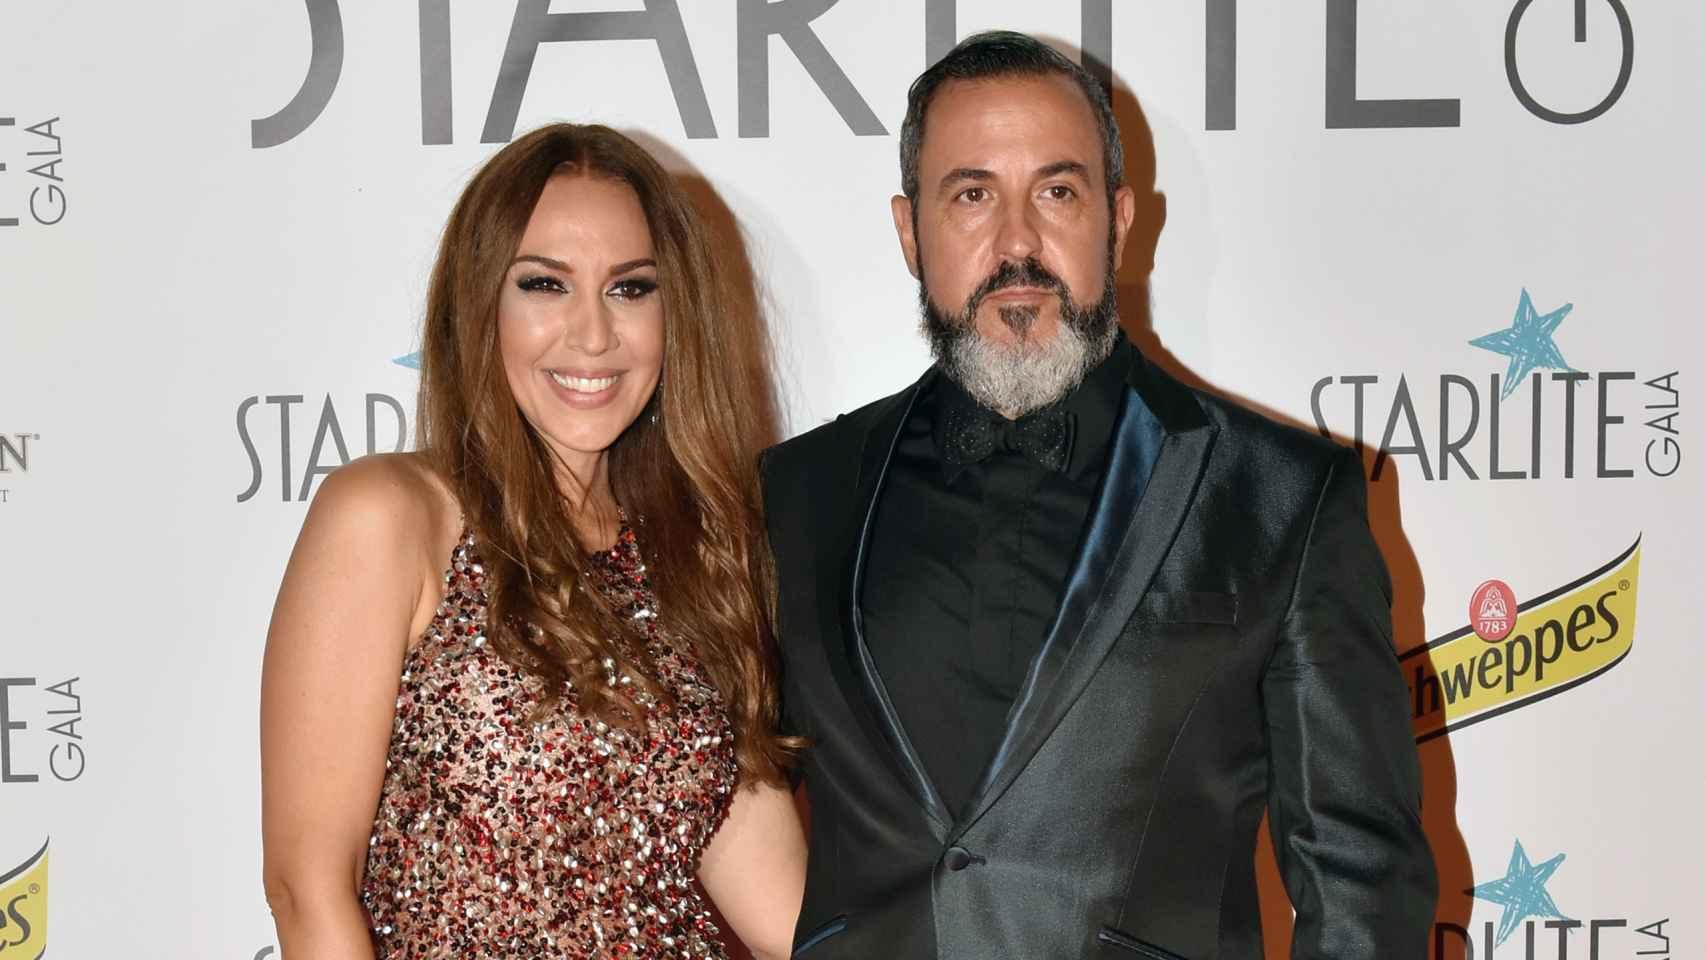 Mónica Naranjo y Óscar Tarruella en Marbella.